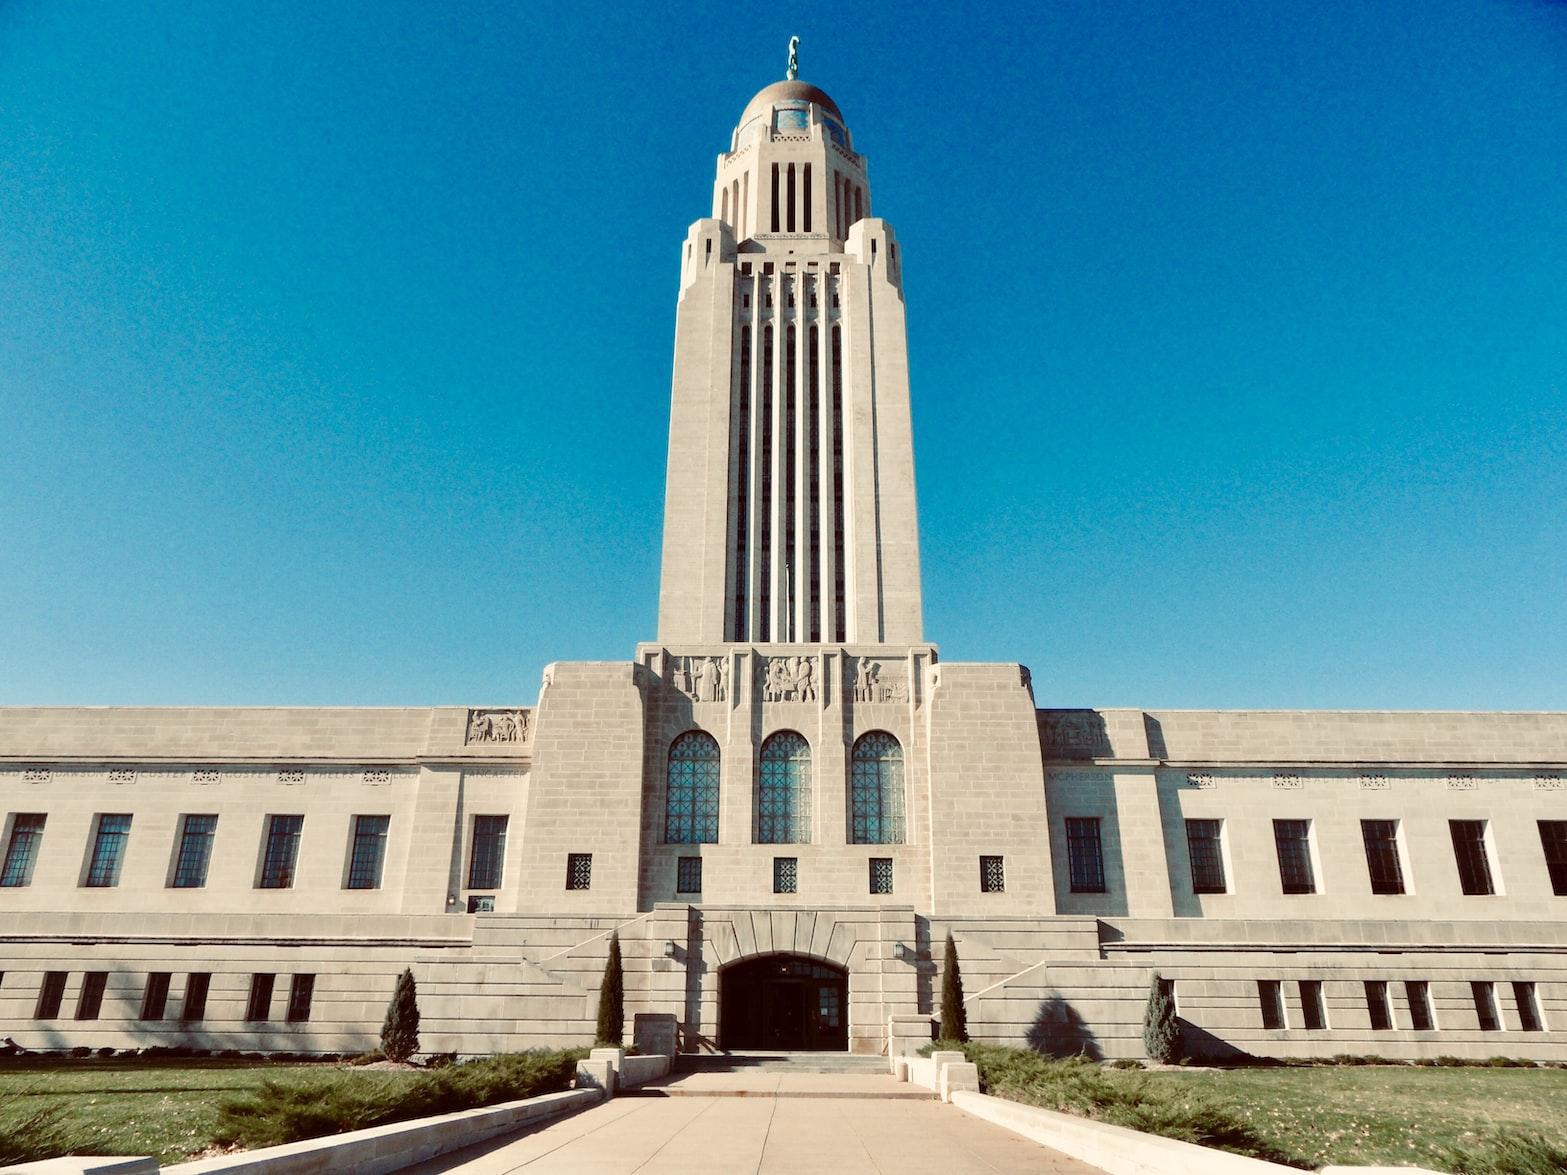 Lincoln, Nebraska state capitol building